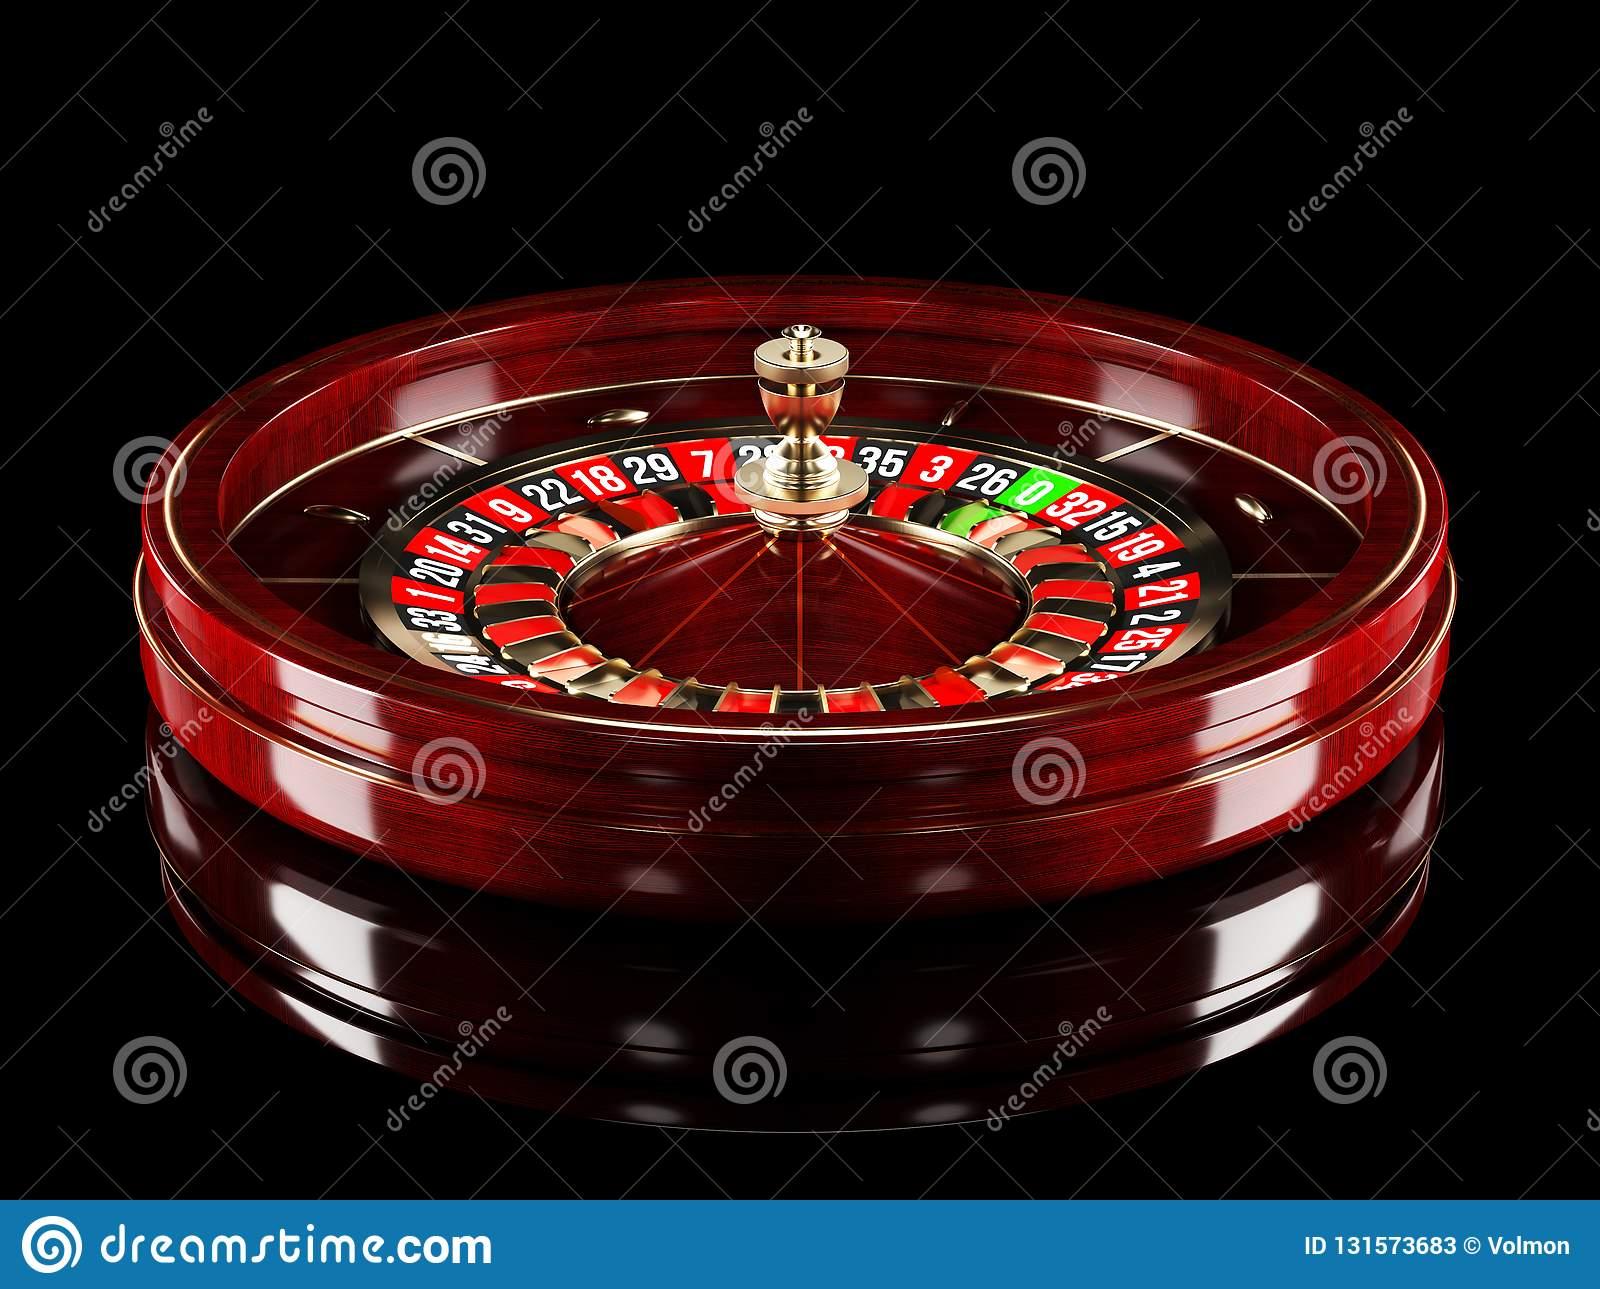 Играть казино рояль бесплатно без регистрации i играть карты на раздевания